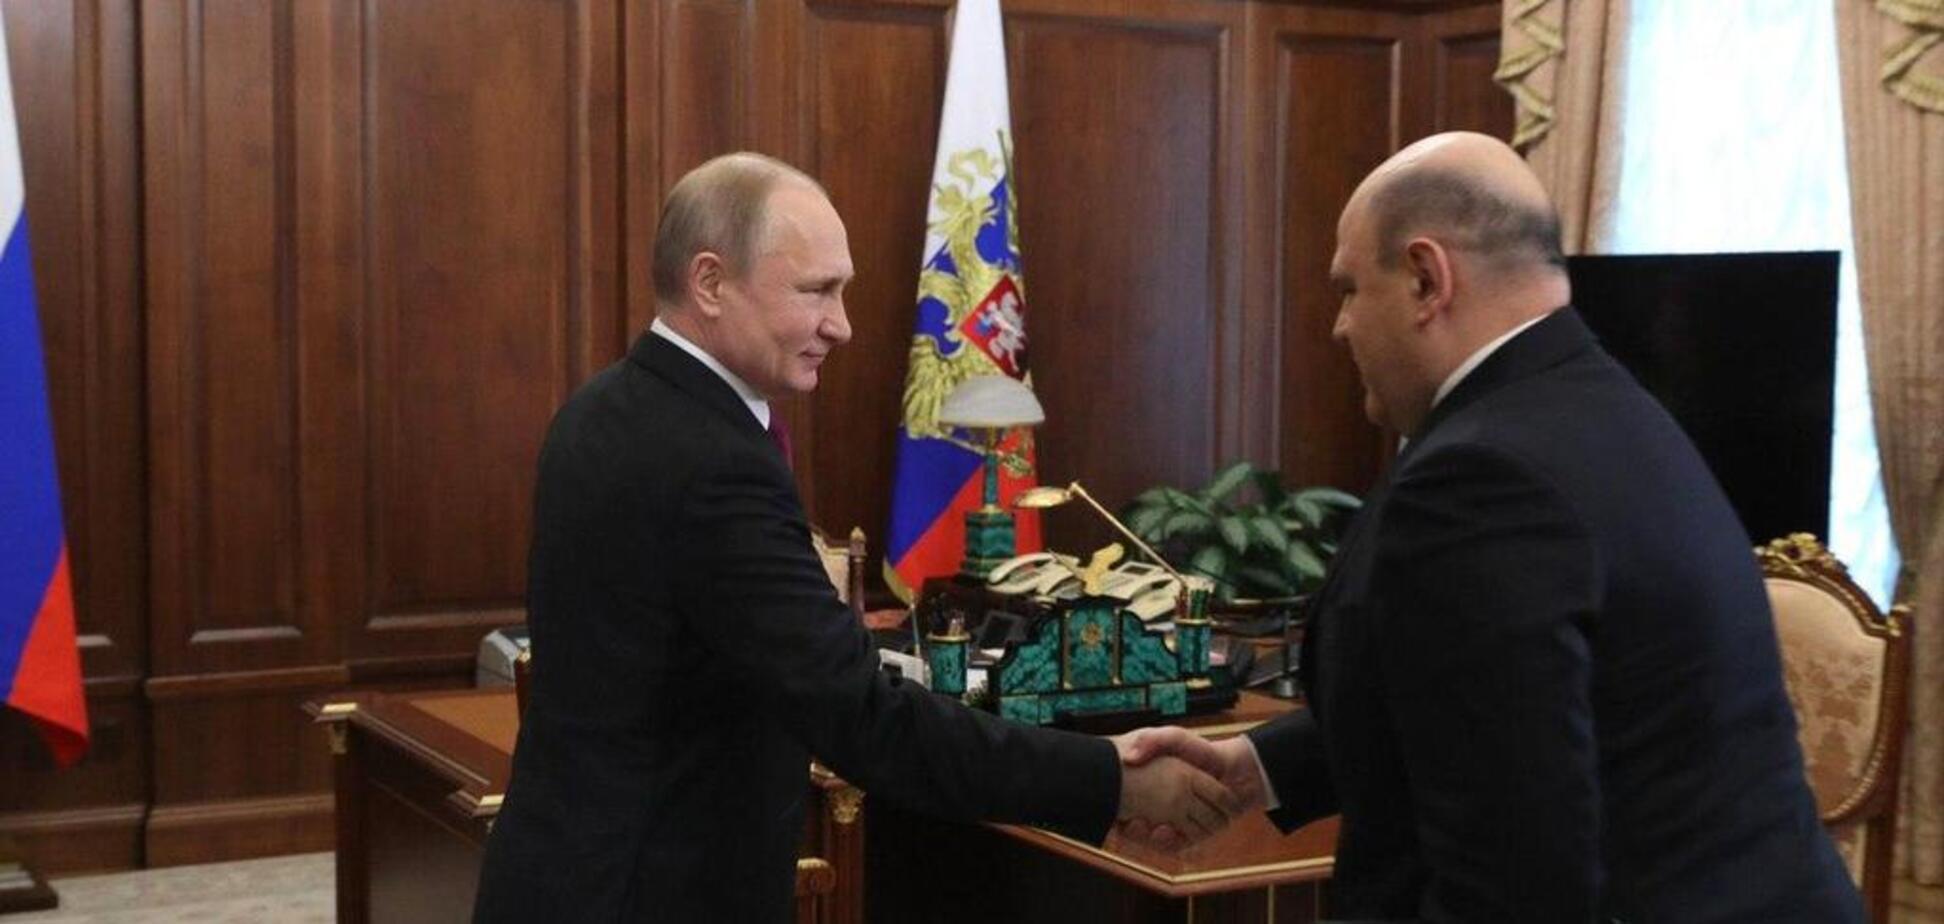 Путін обрав заміну Медведєву: названо ім'я нового прем'єра РФ